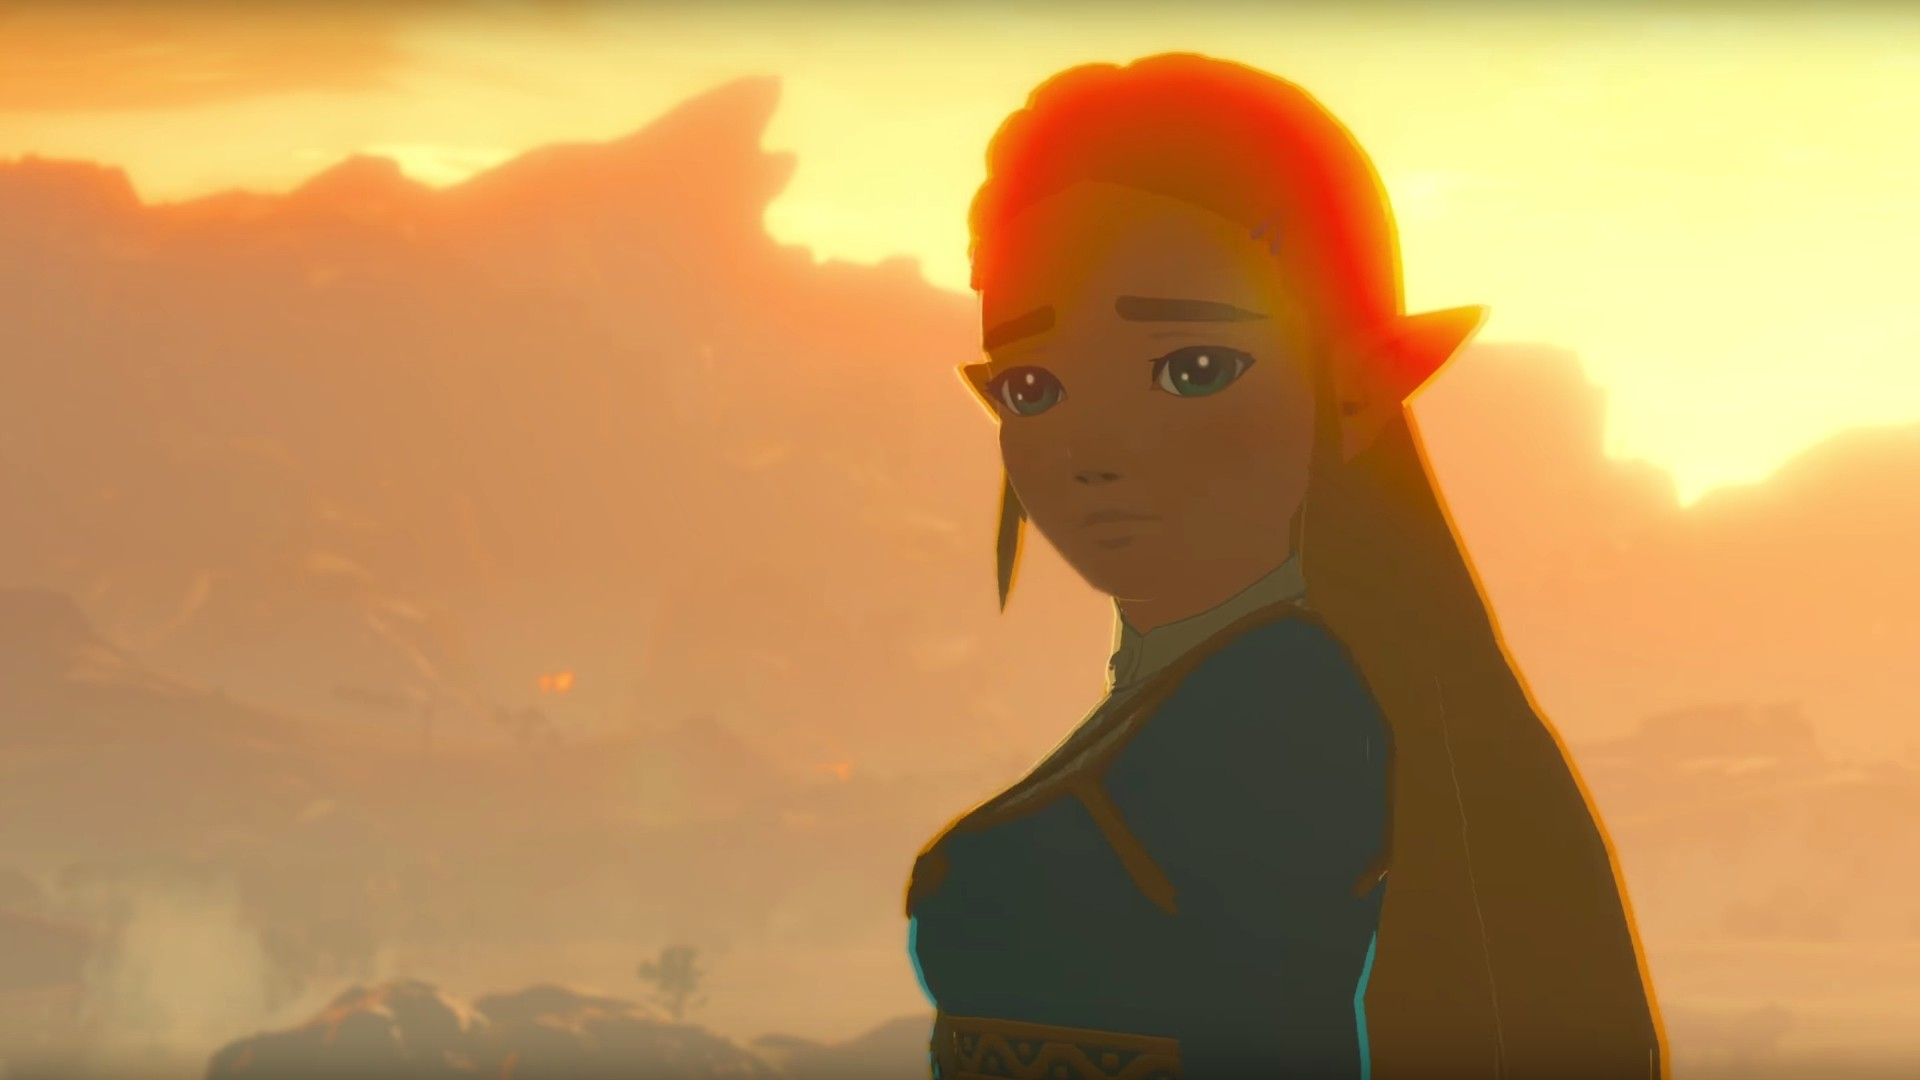 Legend Of Zelda Breath Of The Wild Wallpaper 1920x1080: 1080p Zelda Wallpaper (74+ Images